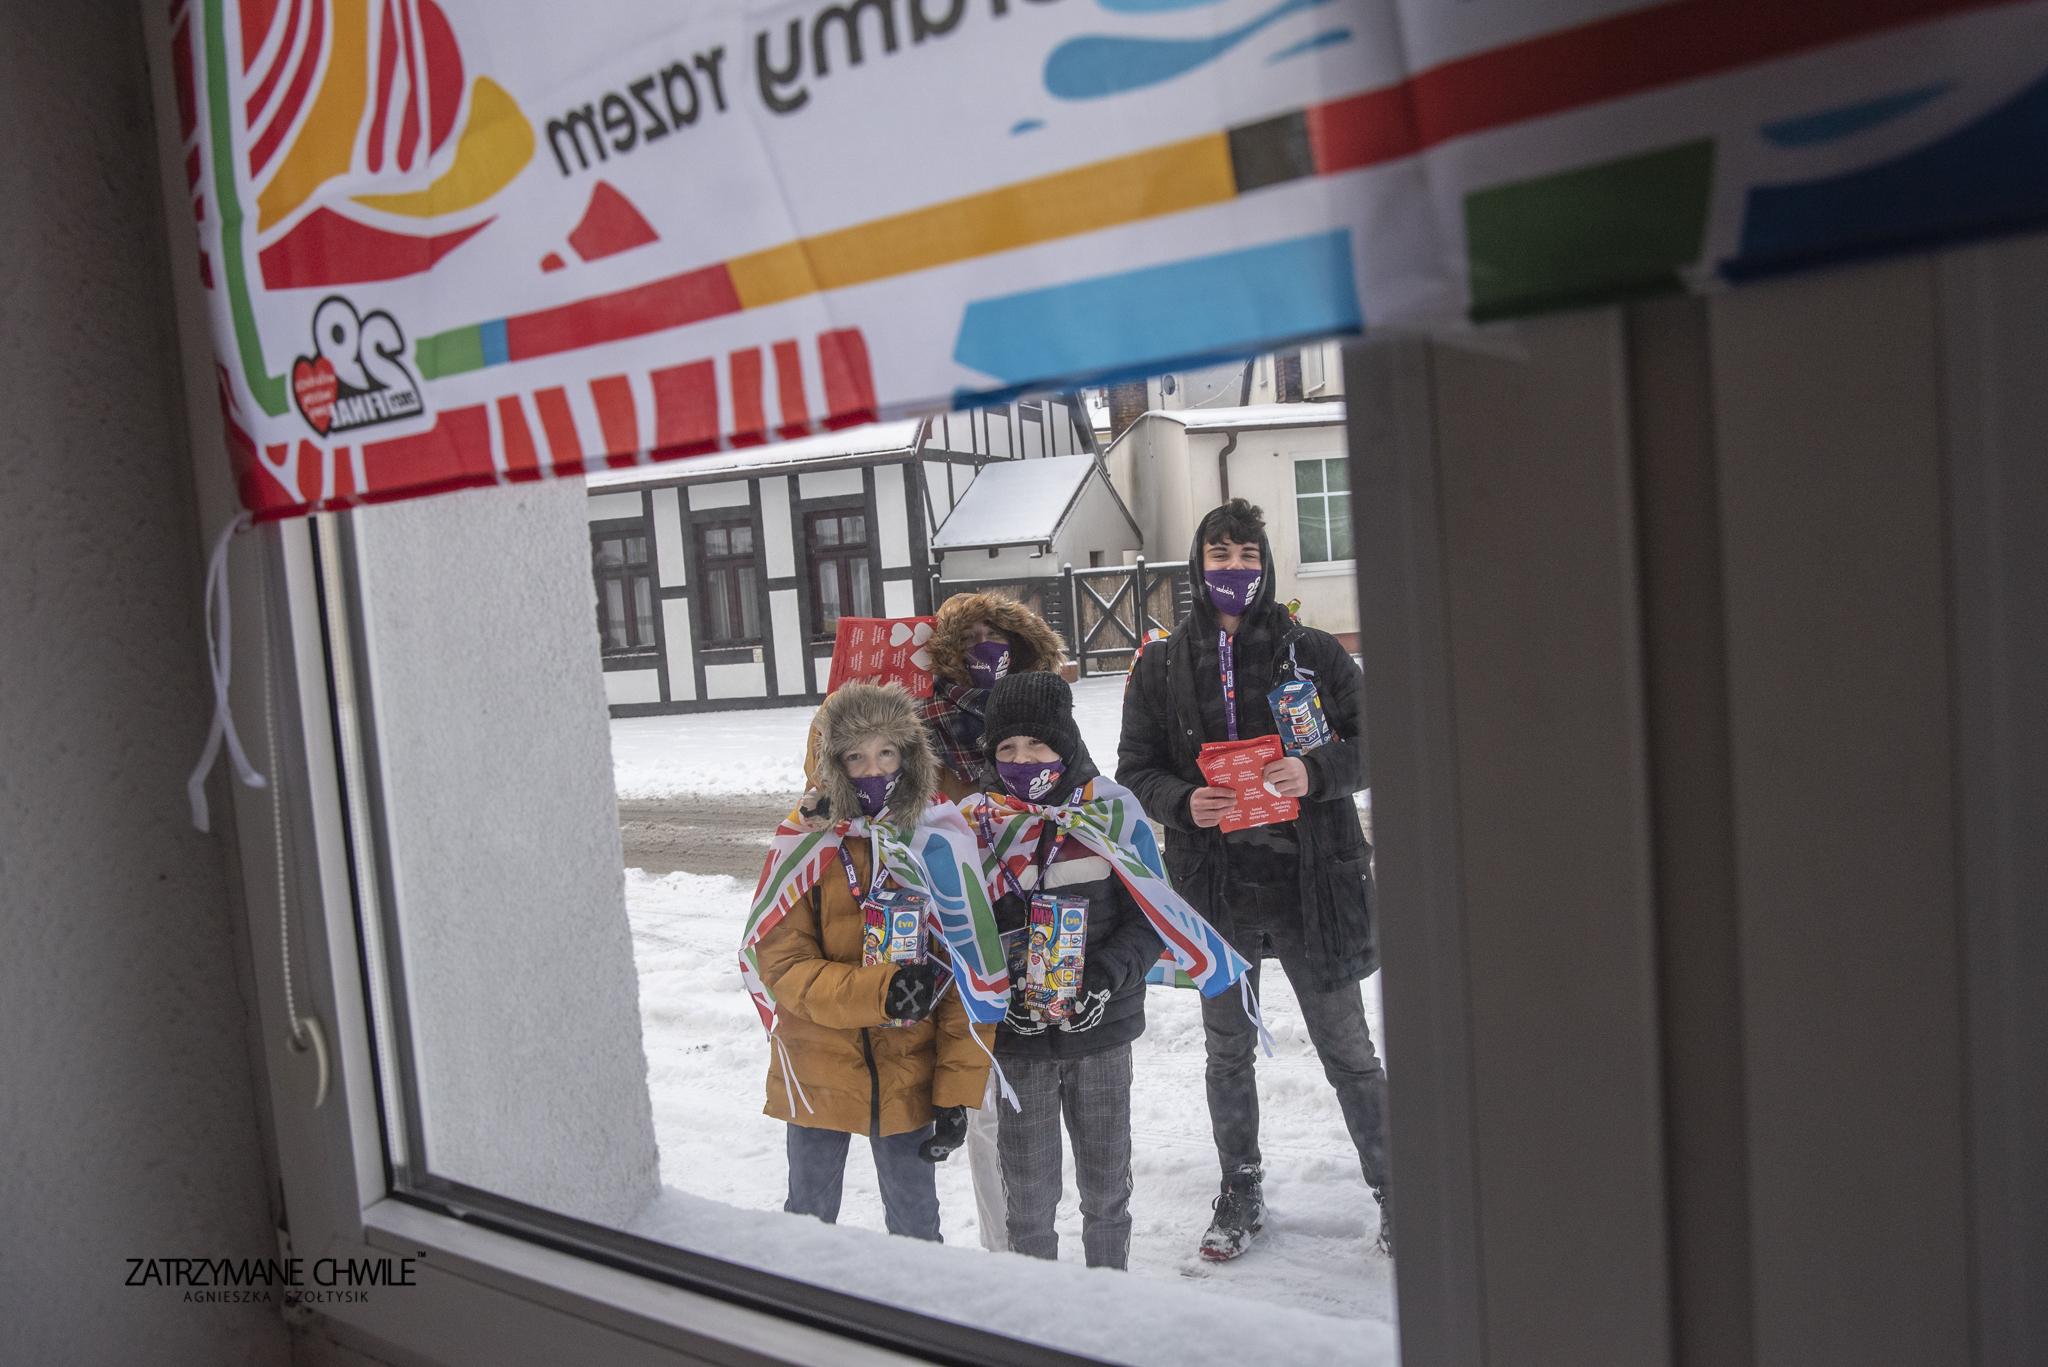 zdjęcie; za oknem widać wolontariuszy z puszkami WOŚP (dwójkę dzieci i dwóch nastolatków), ubrania zimowe, dzieci mają założone na siebie flagi 29. Finału